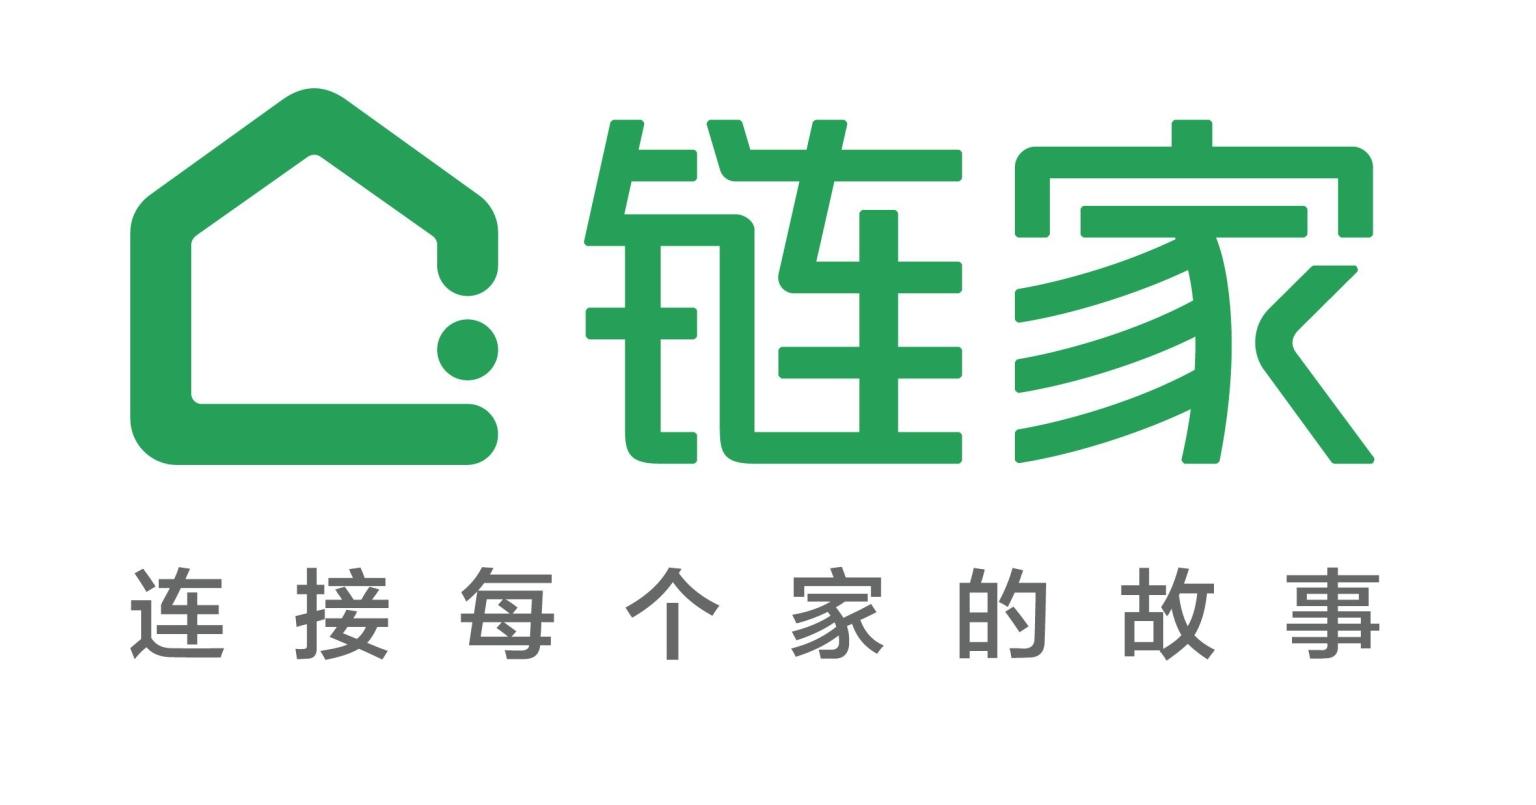 四川印刷公司合作客户-链家地产